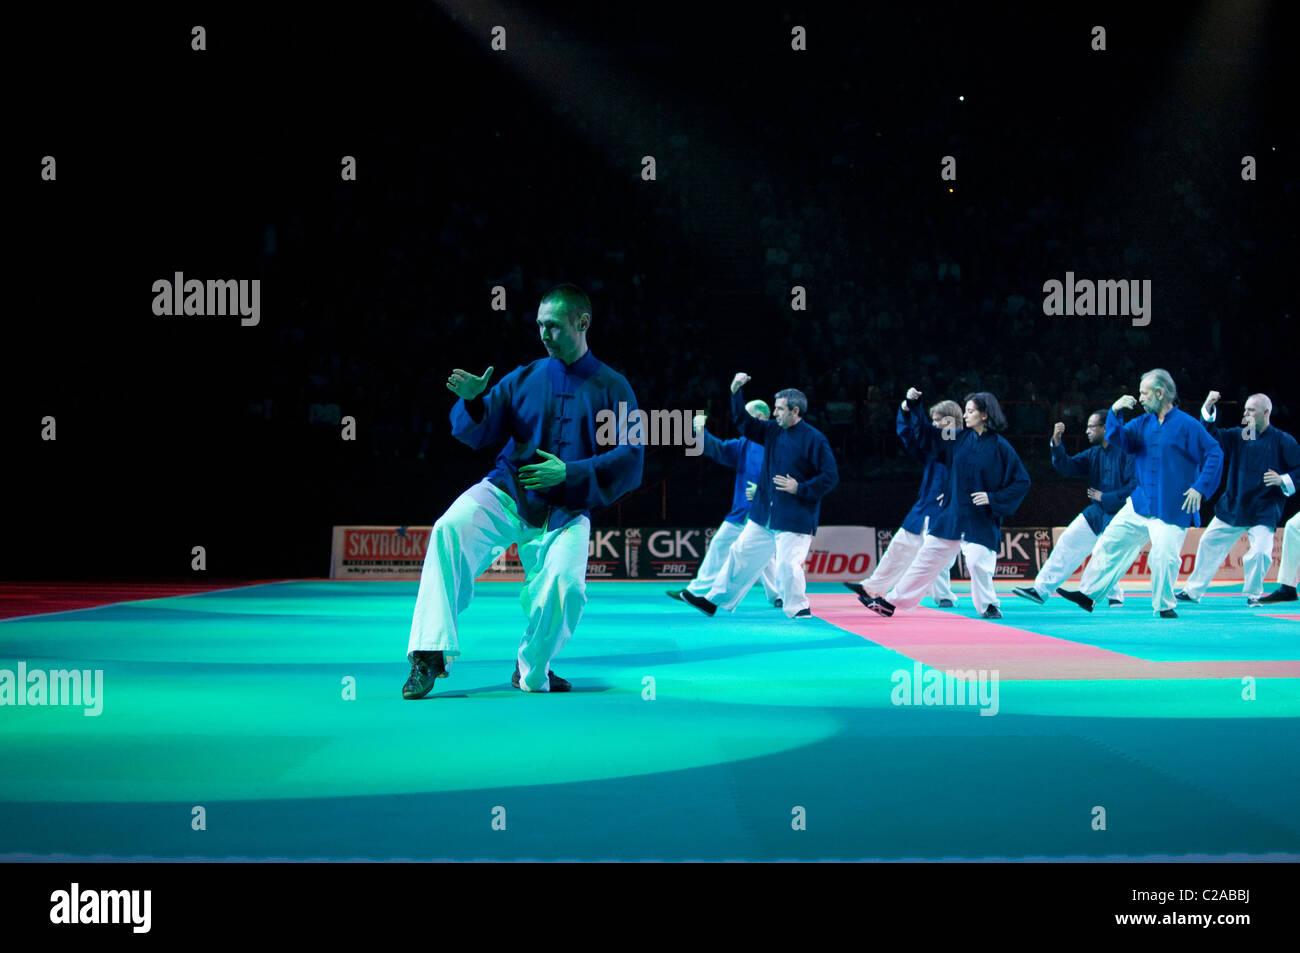 TaiChi Yang at Festival des Arts Martiaux de Bercy, Paris. - Stock Image